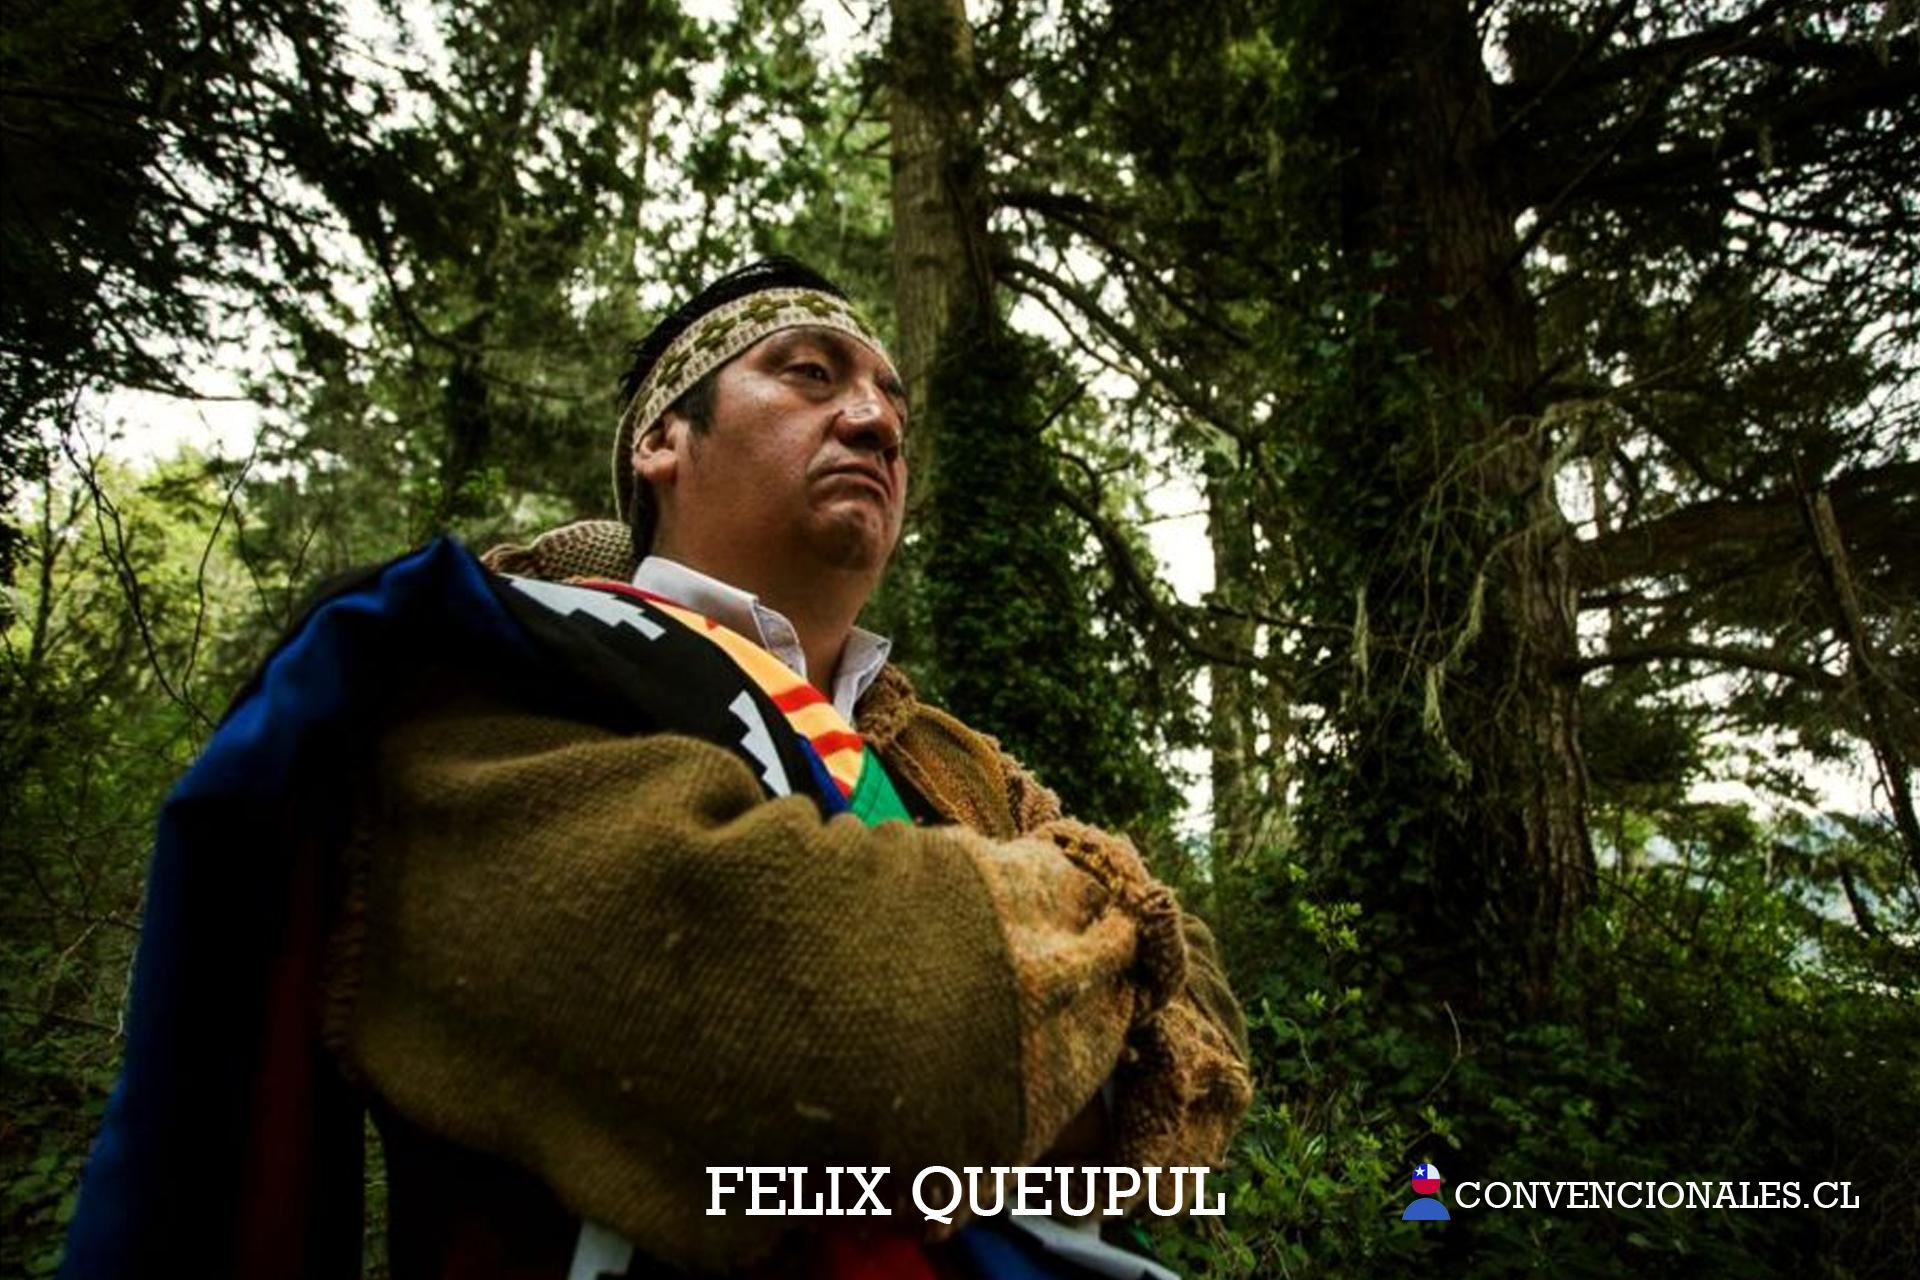 Felix Queupul